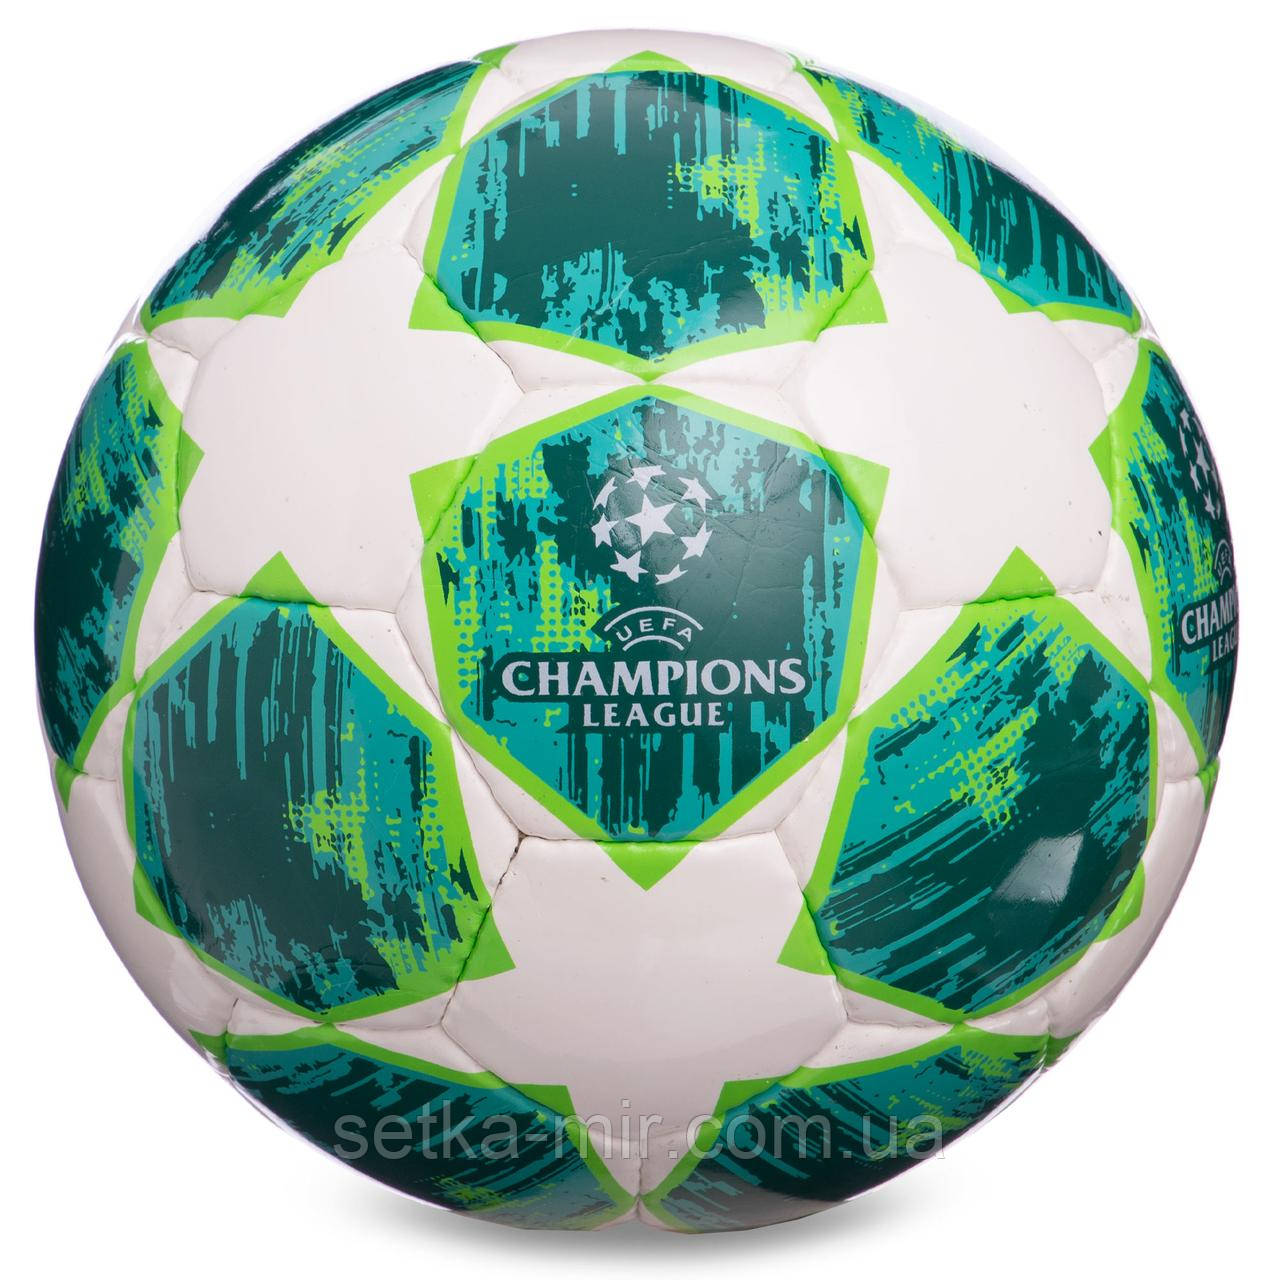 Мяч футбольный №4 PU ламин. CHAMPIONS LEAGUE FB-0152-1 (№4, 5 сл., сшит вручную, белый-зеленый)